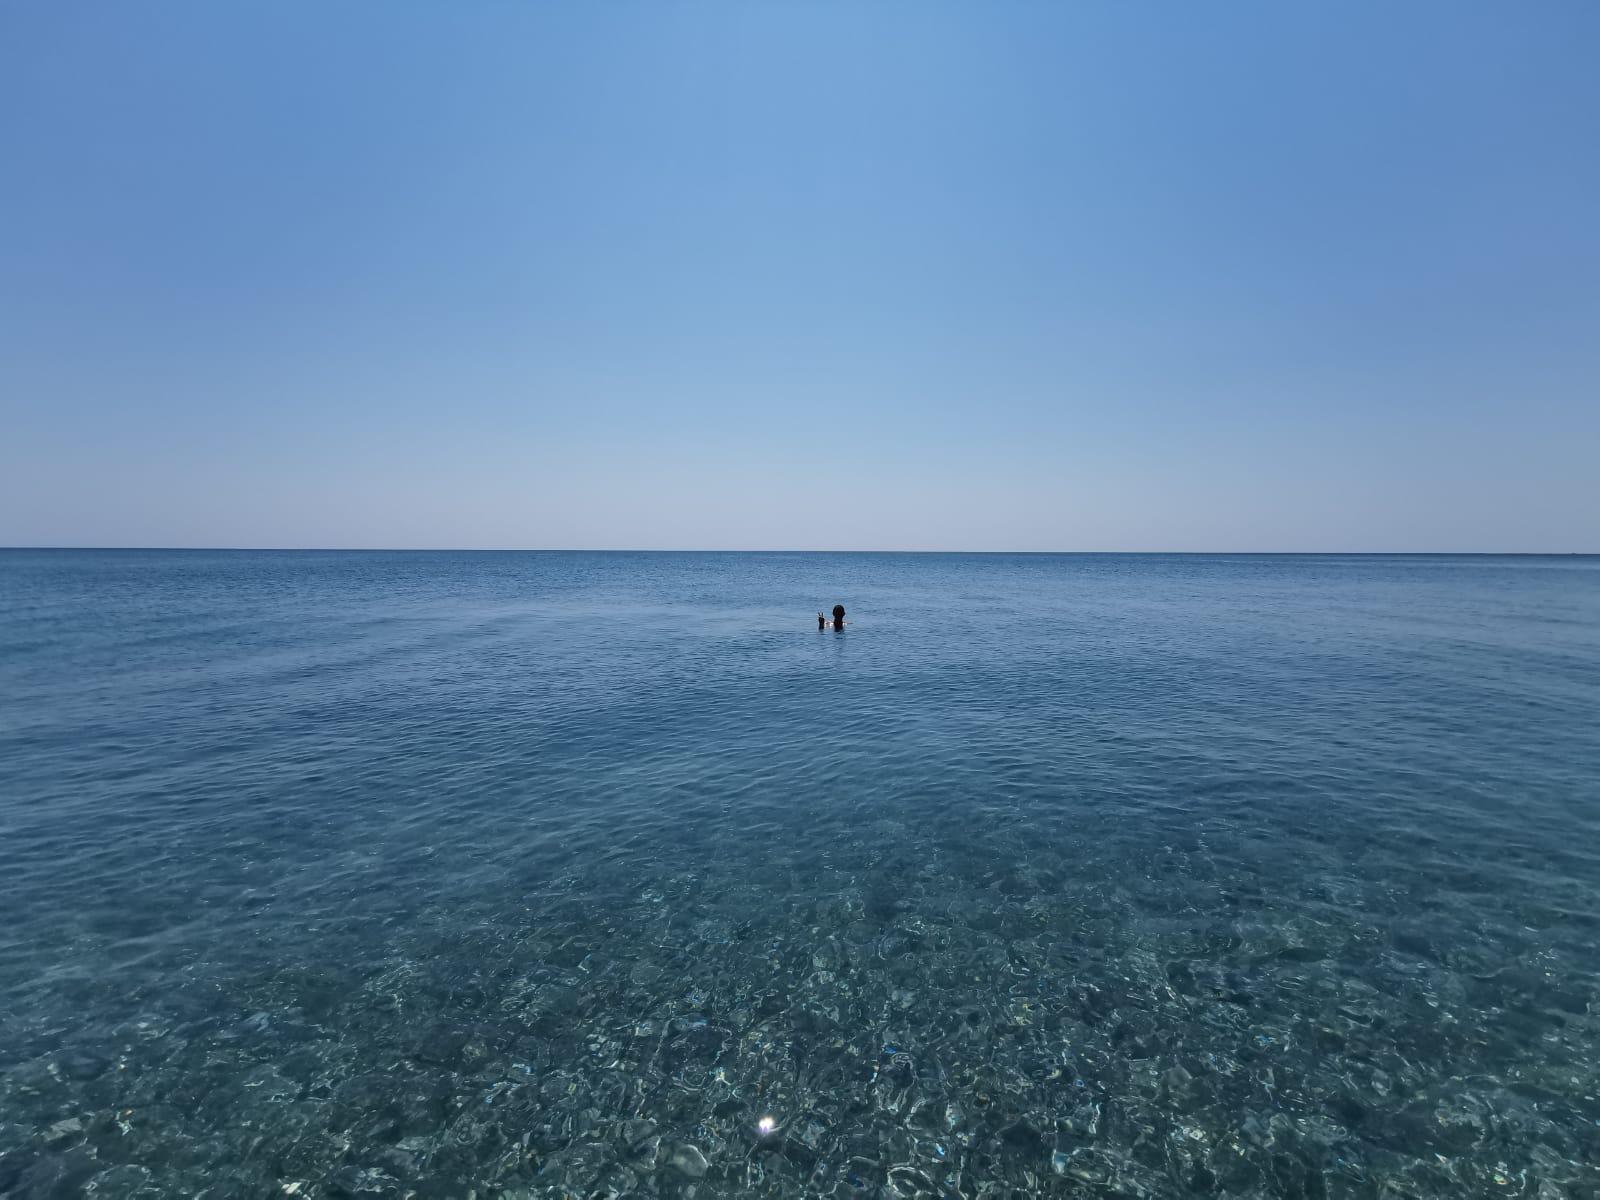 Mare deserto in Calabria ad agosto